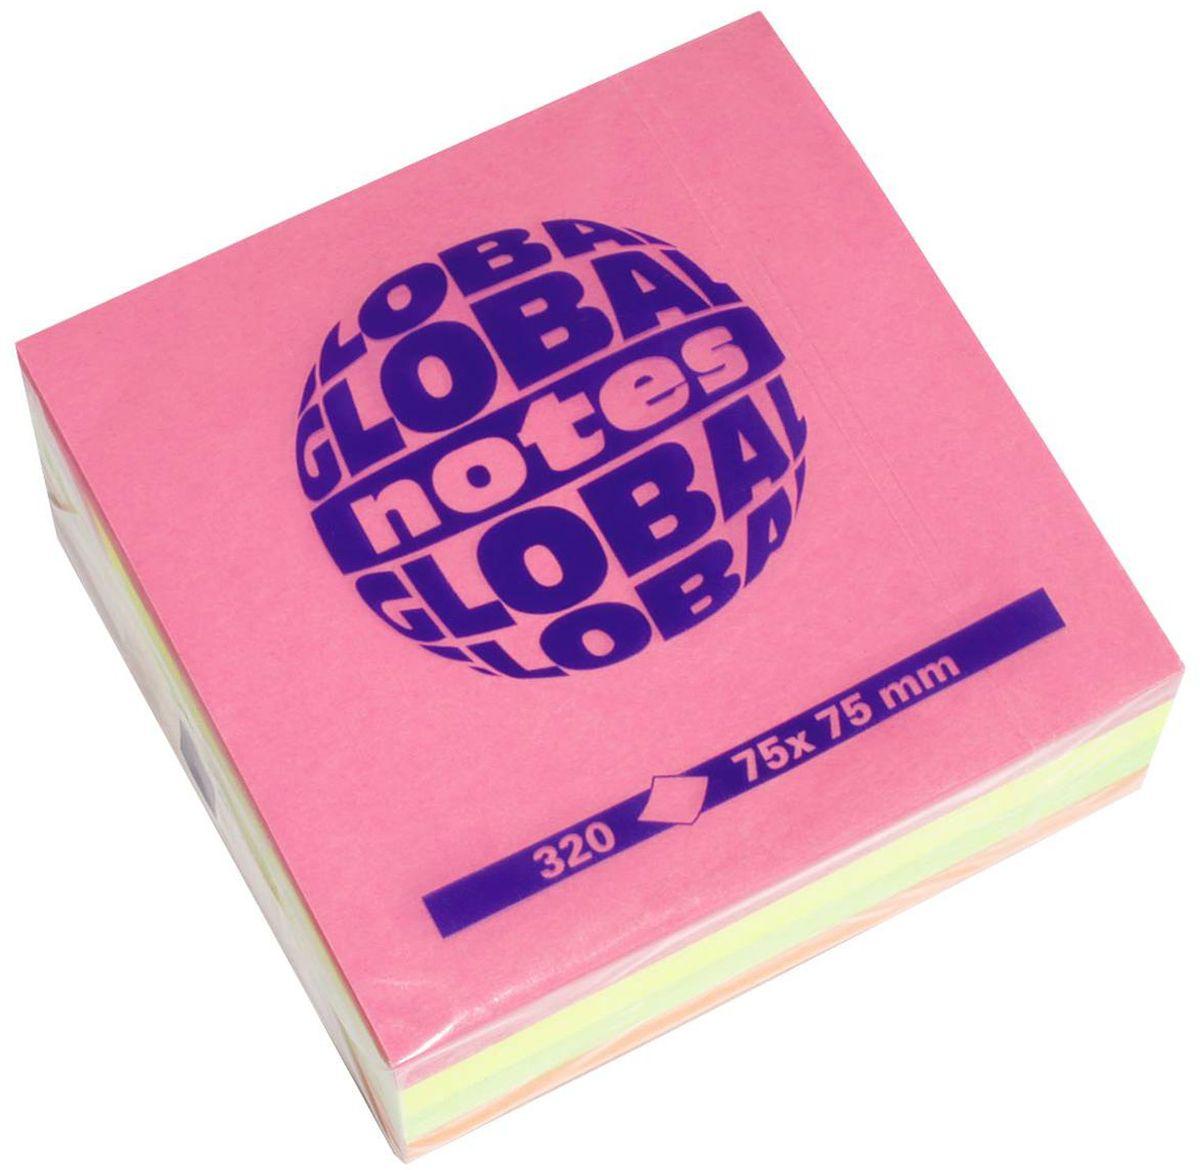 Global Notes Бумага для заметок с липким слоем 7,5 х 7,5 см 320 листов365439Яркая бумага для заметок с липким краем Global Notes - это удобное и практичное решение для быстрой записи информации дома или на работе.Качественная клеевая полоса рассчитана на крепление к любой поверхности, позволяет приклеивать и отклеивать листок неограниченное количество раз, не оставляя следов. Блок состоит из 4 цветов (ярко-розового, желтого, оранжевого и зеленого). Всего в блоке 320 листов (каждого цвета по 50 листов).Размер блока - 75 х 75 мм.Плотность бумаги 70г/м2.